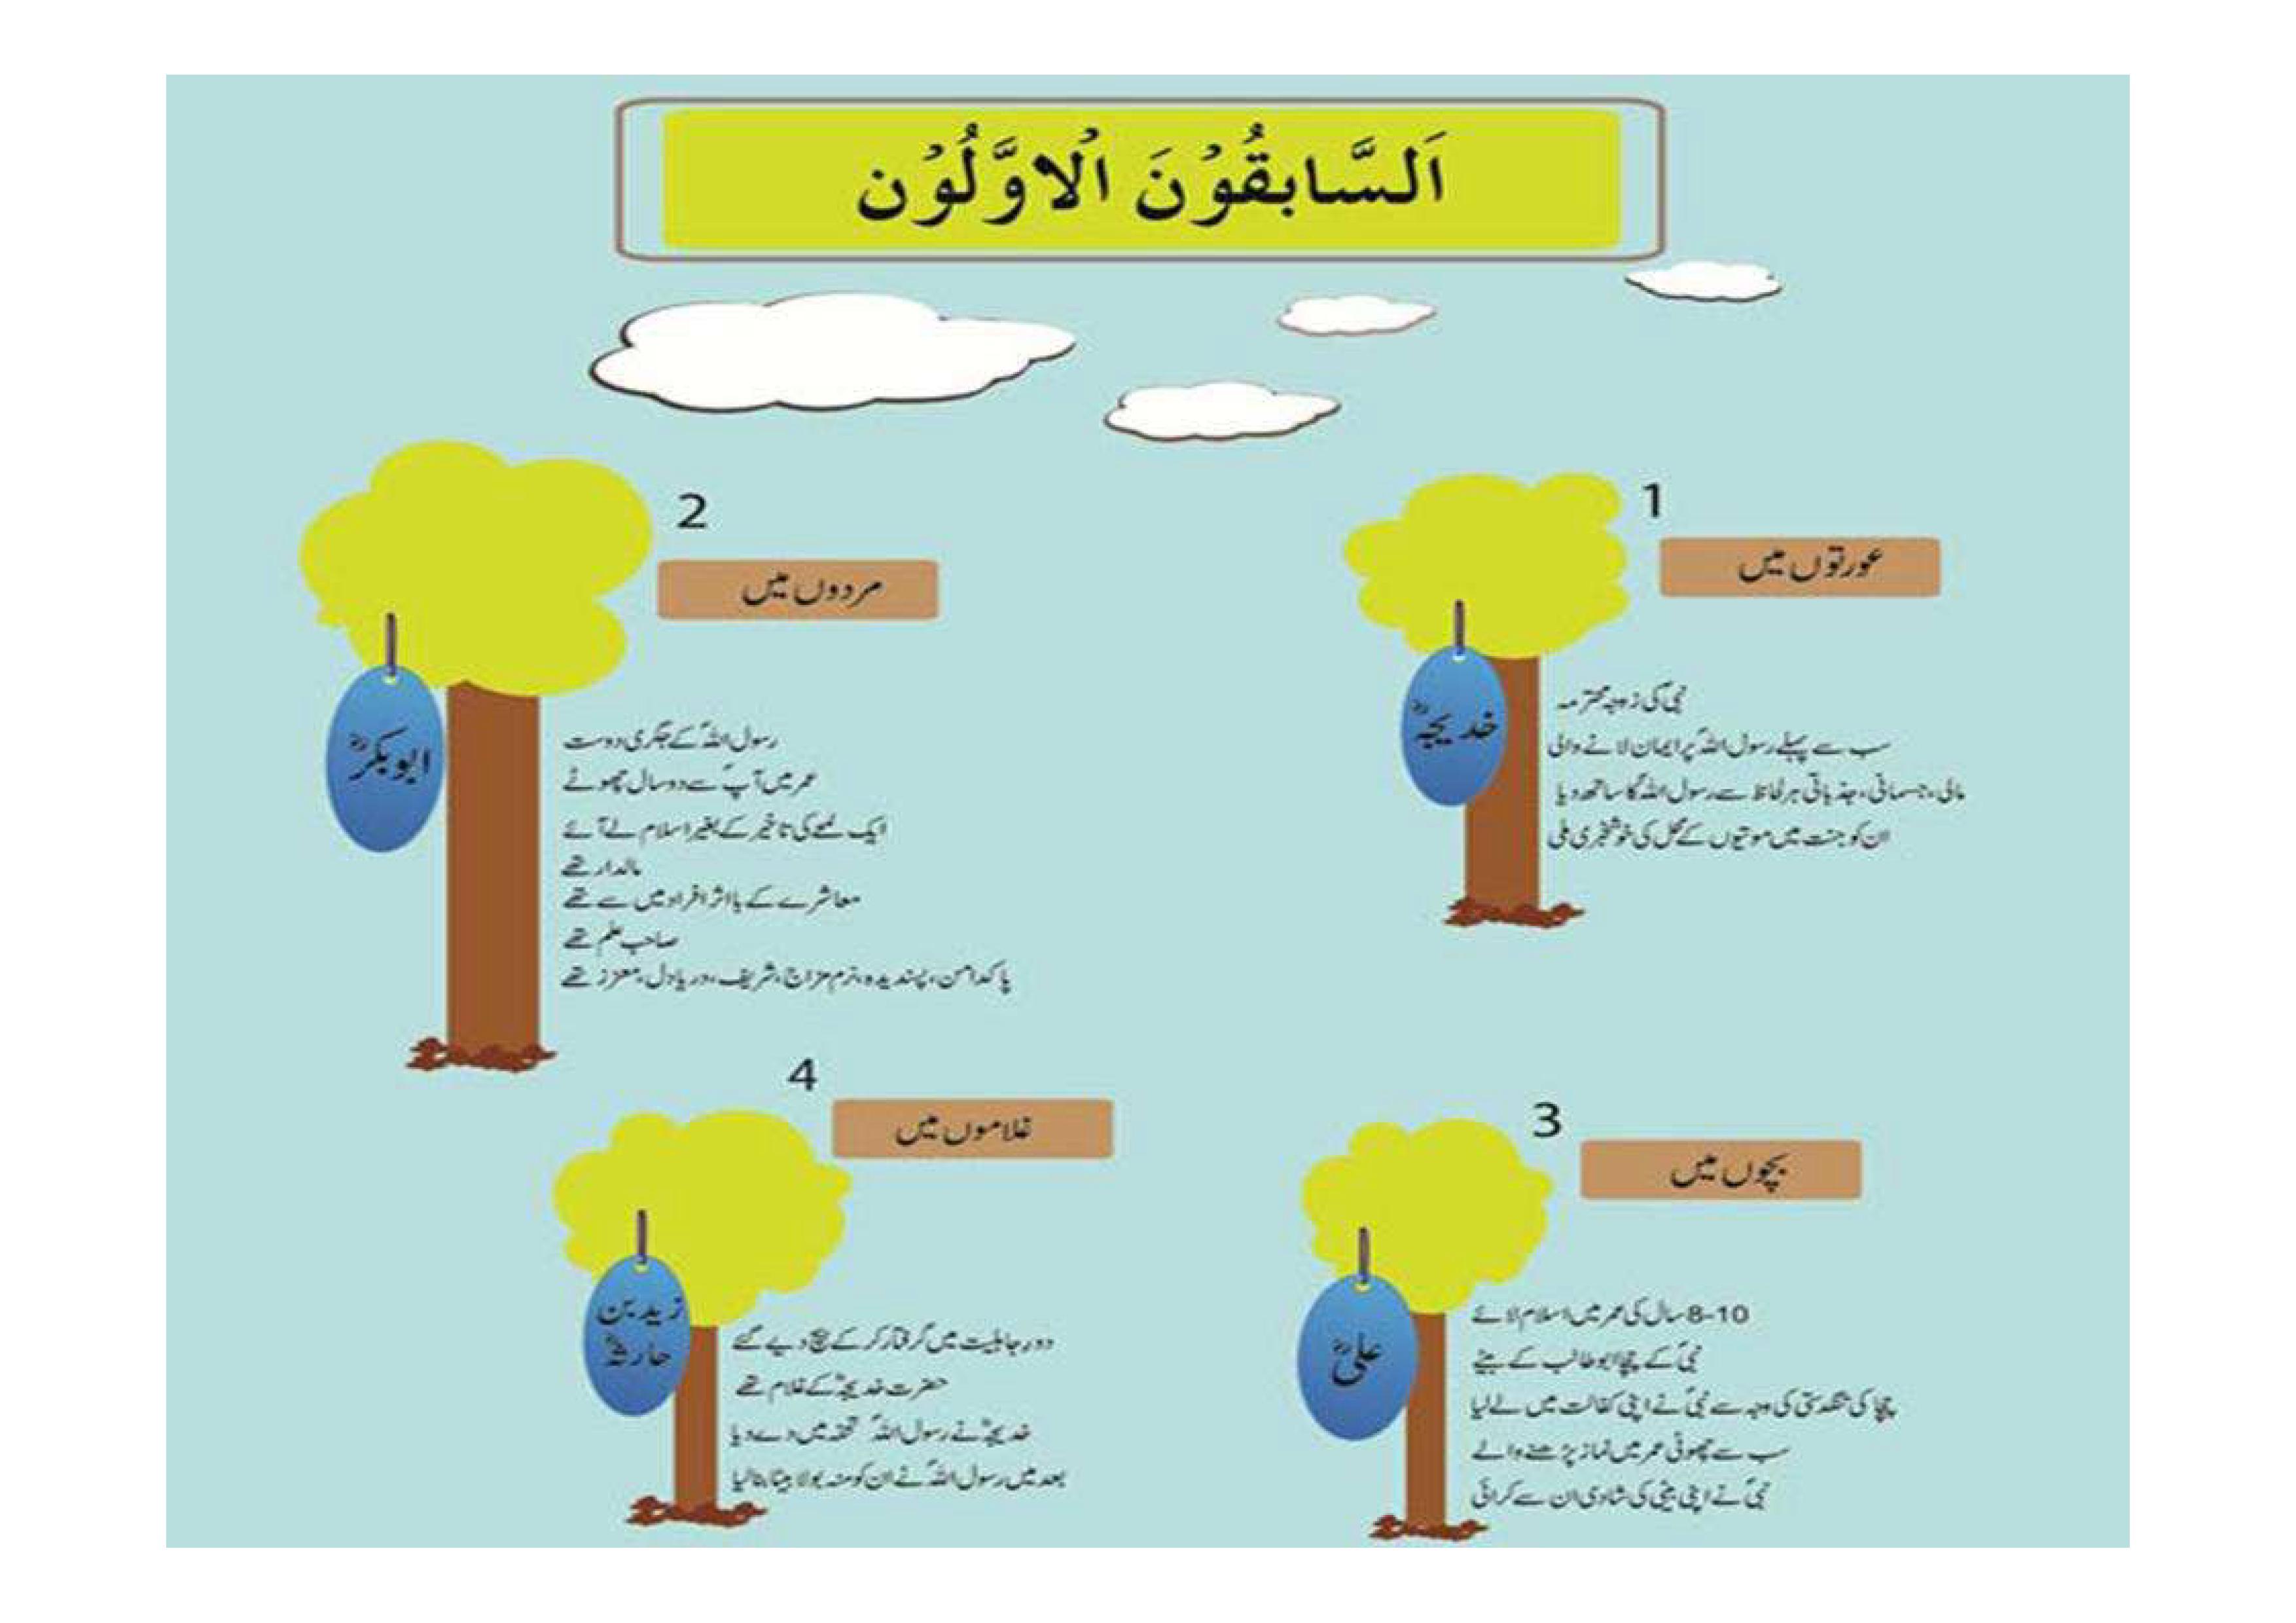 Seerat un nabi essay in urdu